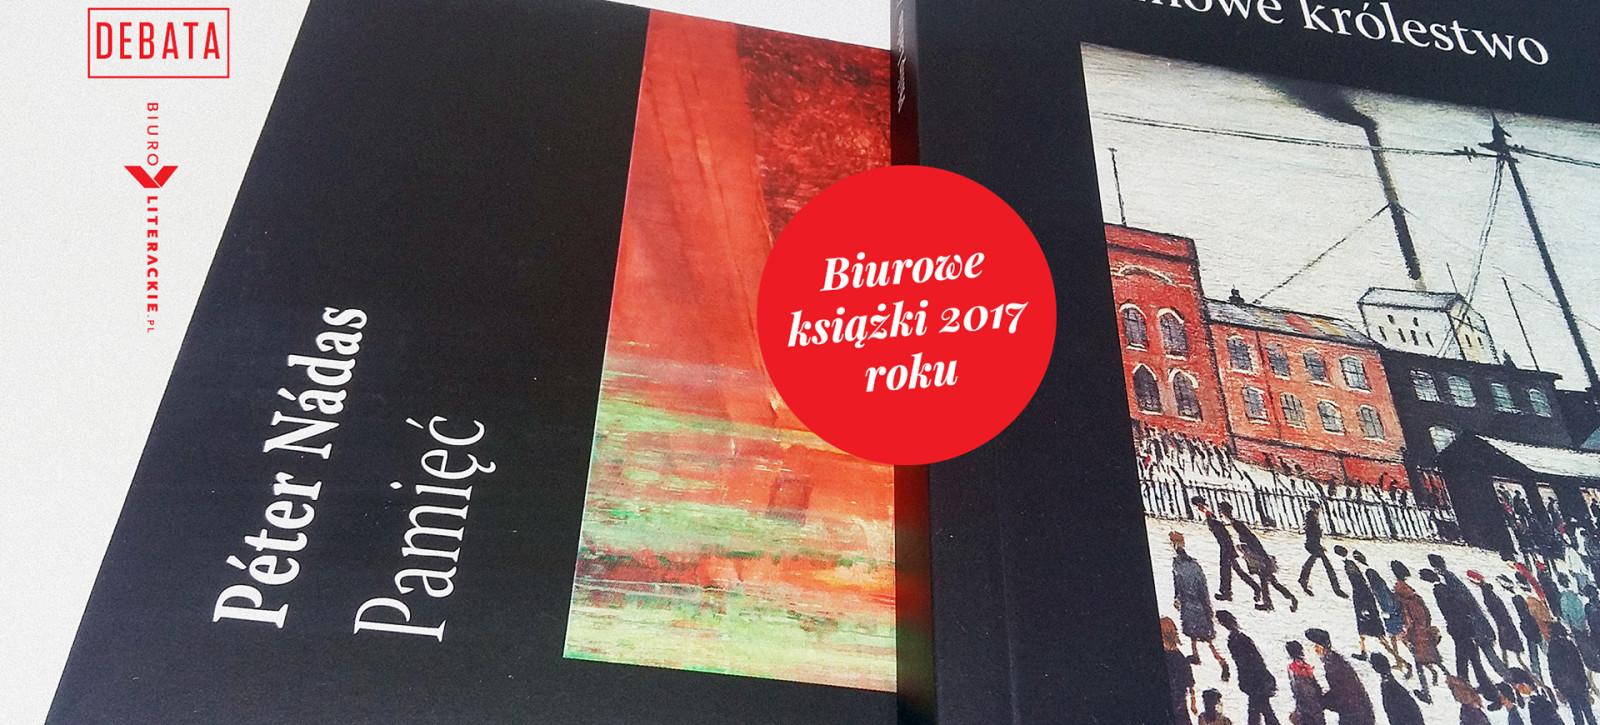 16_DEBATY__Biurowe_książki_roku__Michał_DOMAGALSKI